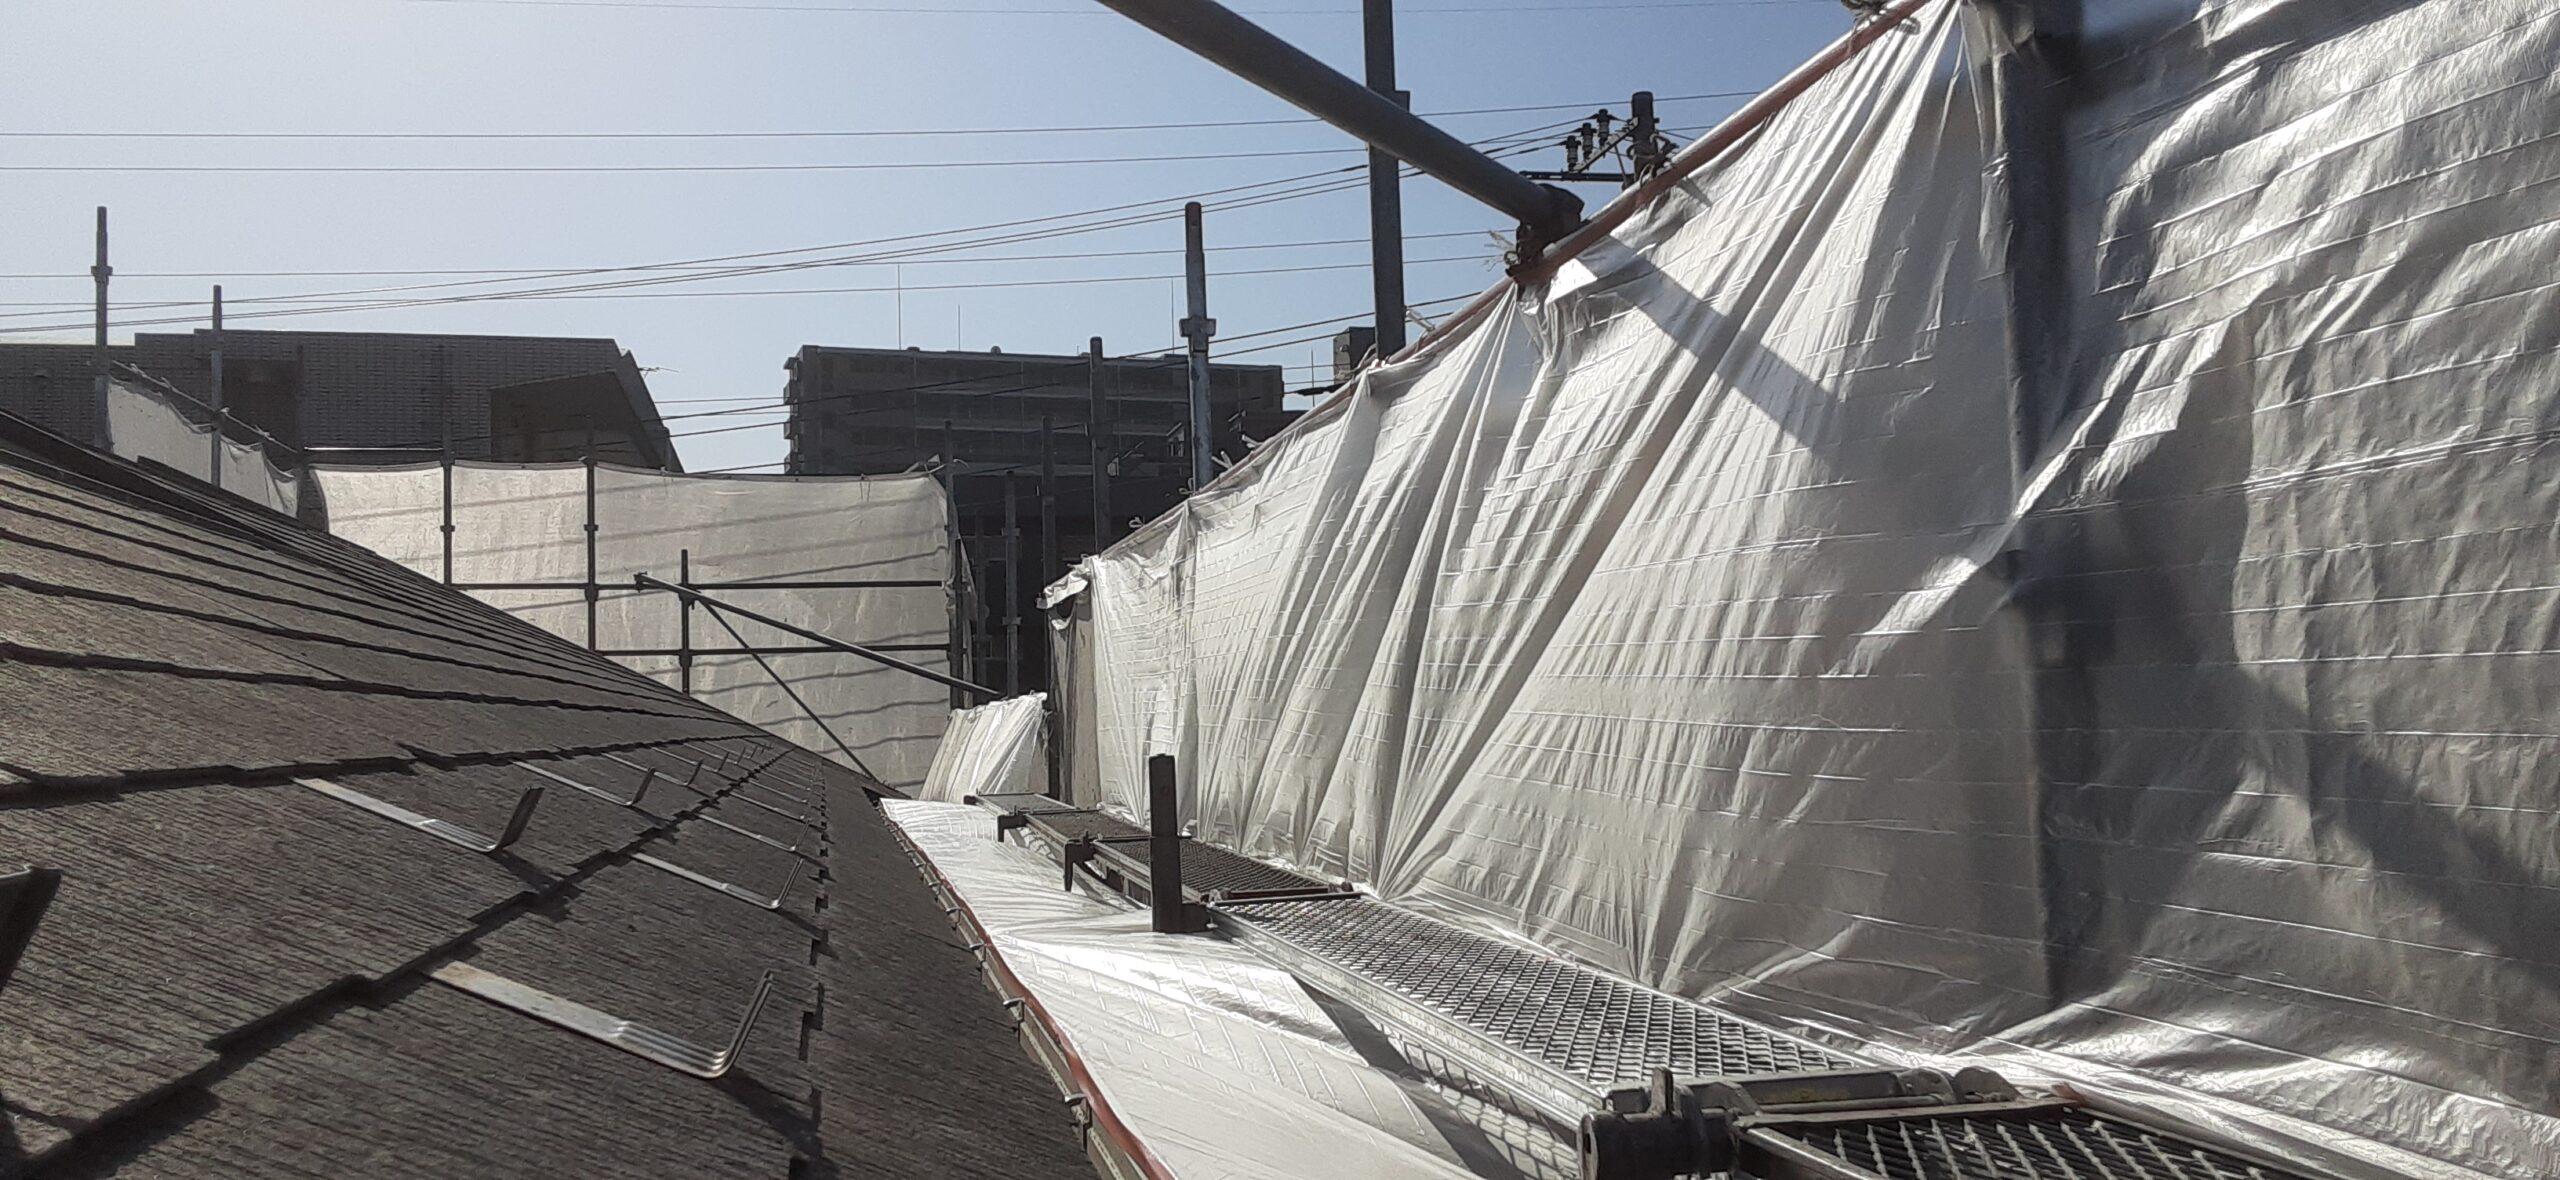 屋根のコーキング、養生/さいたま市岩槻区の(木造2階建て)S様邸にて塗り替えリホーム中